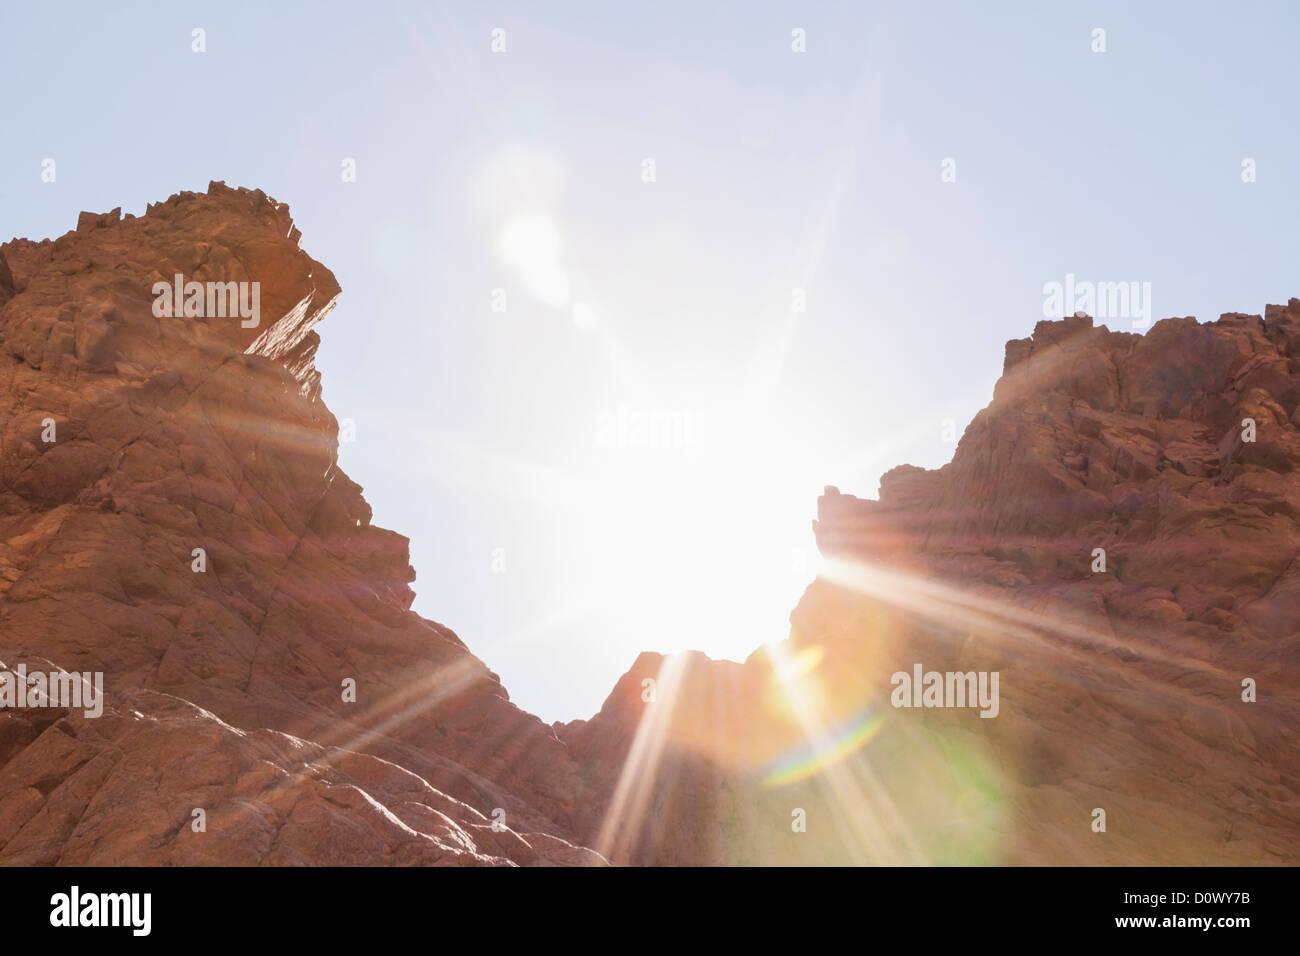 Les roches du désert avec éruption solaire, Sinaï, Égypte Banque D'Images